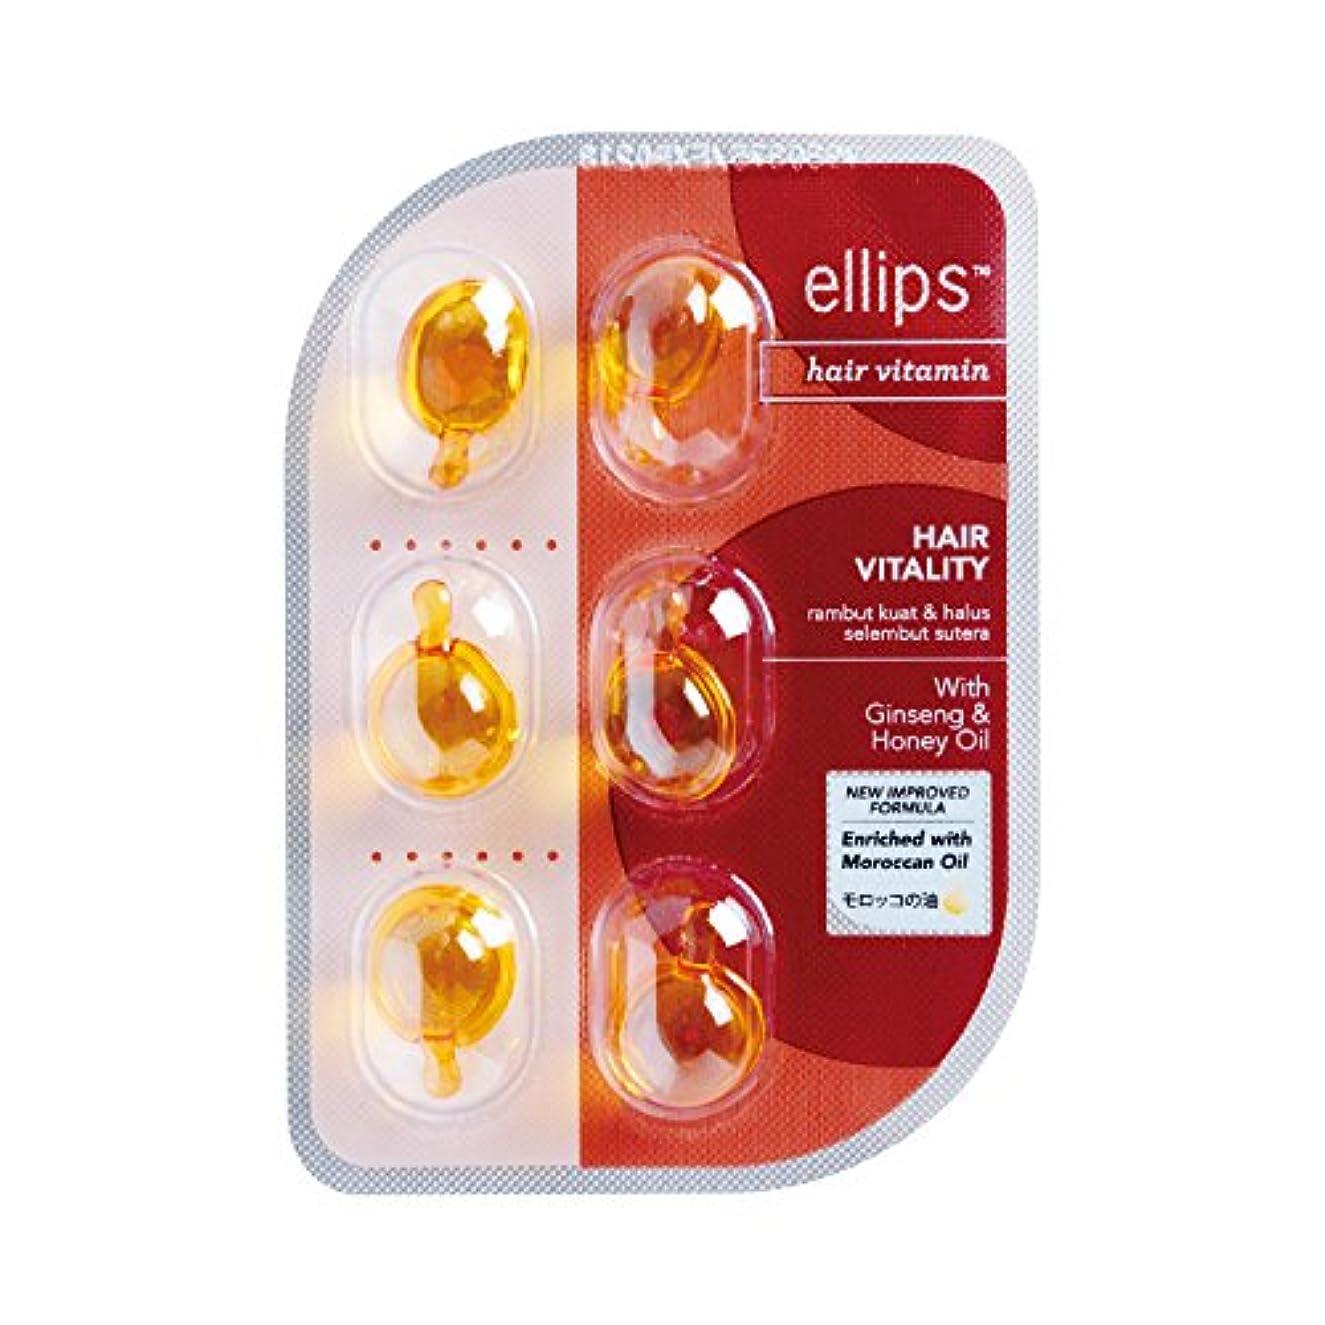 [ym] エリップス Ellips ヘアビタミン 6粒入り シートタイプ 洗い流さない トリートメント (1シート(6粒), ブラウン)